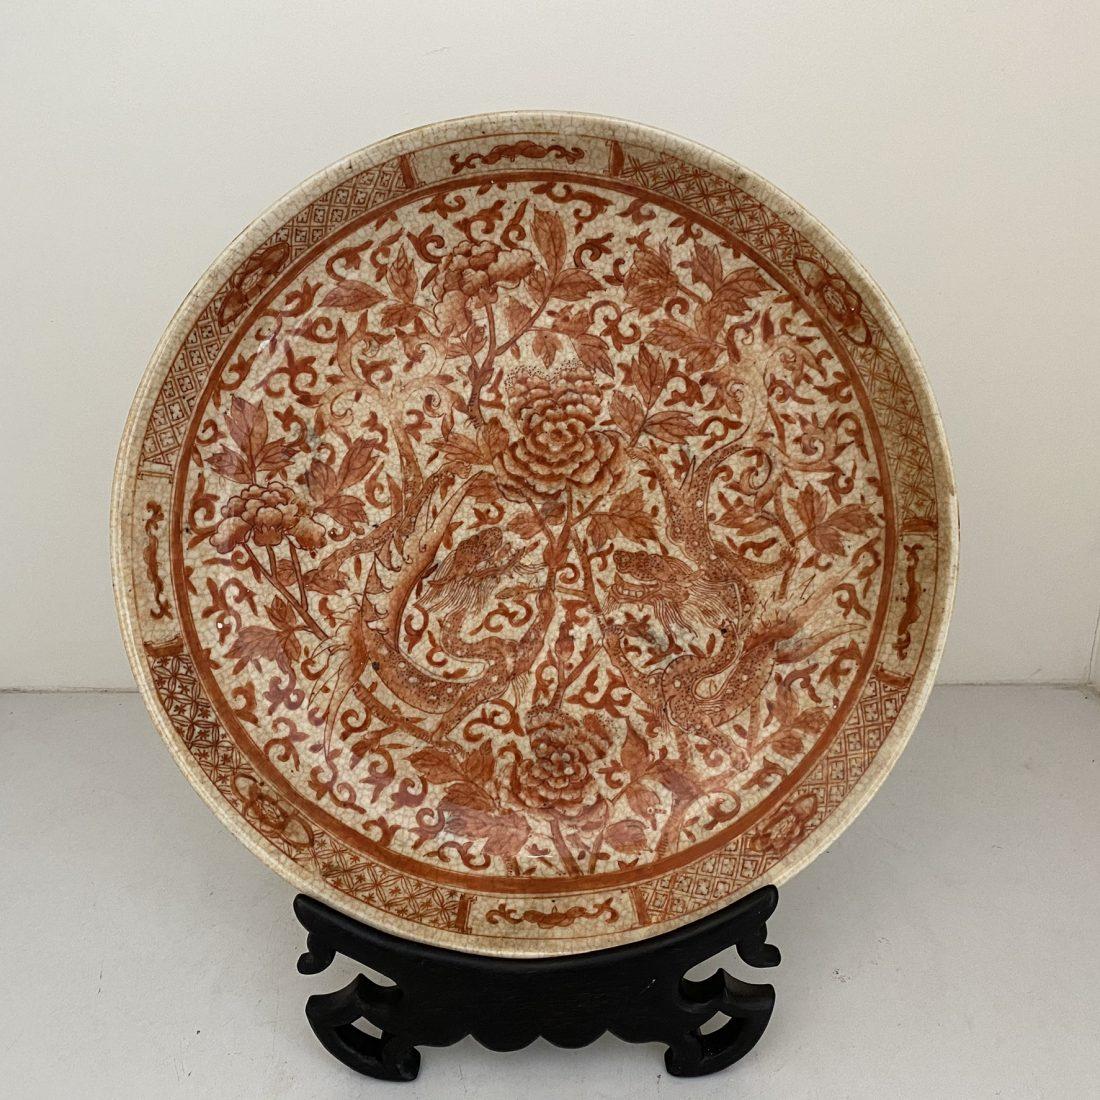 Een gecracqueleerd porseleinen schotel met ijzerrood decor van diverse bloemen & twee draken (iron red), Kangxi gemerkt